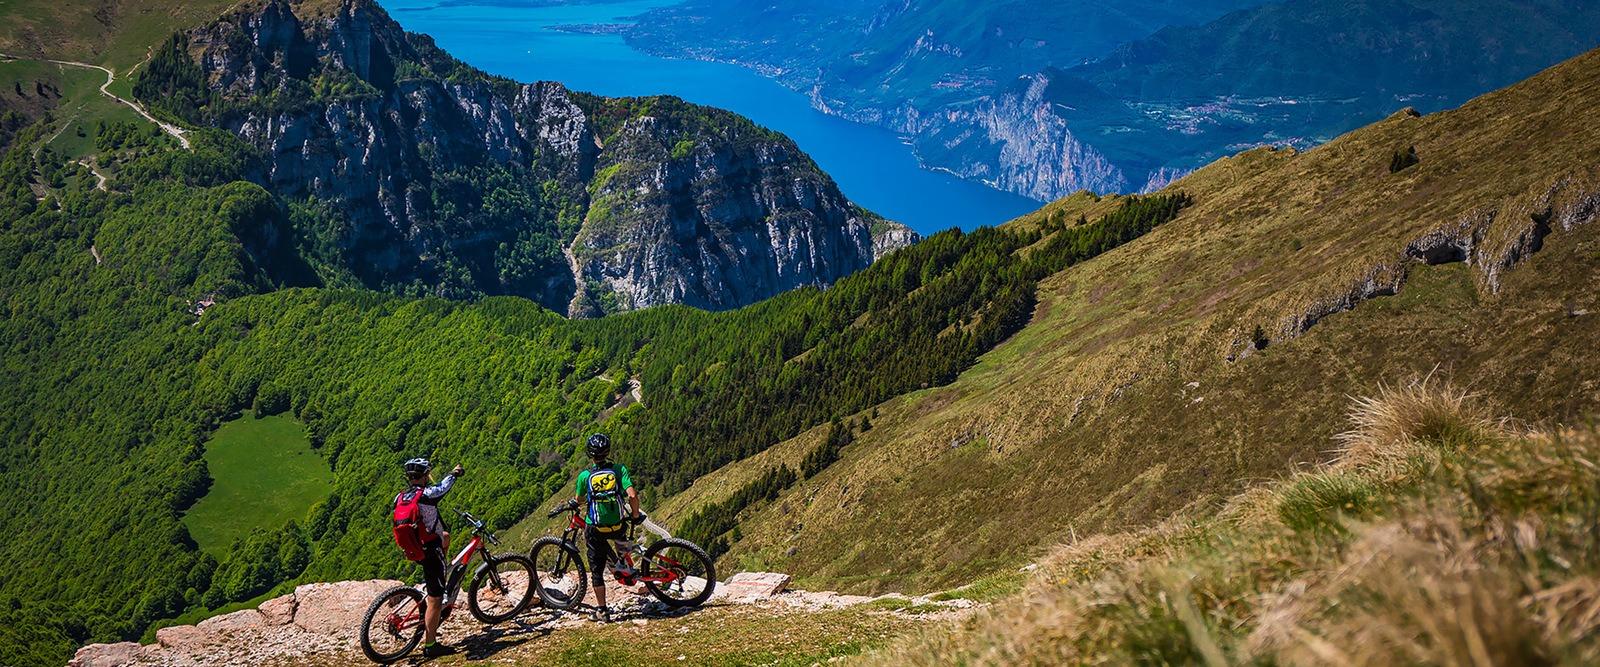 E-bike - monte Altissimo - panorama - Vallagarina - Trentino